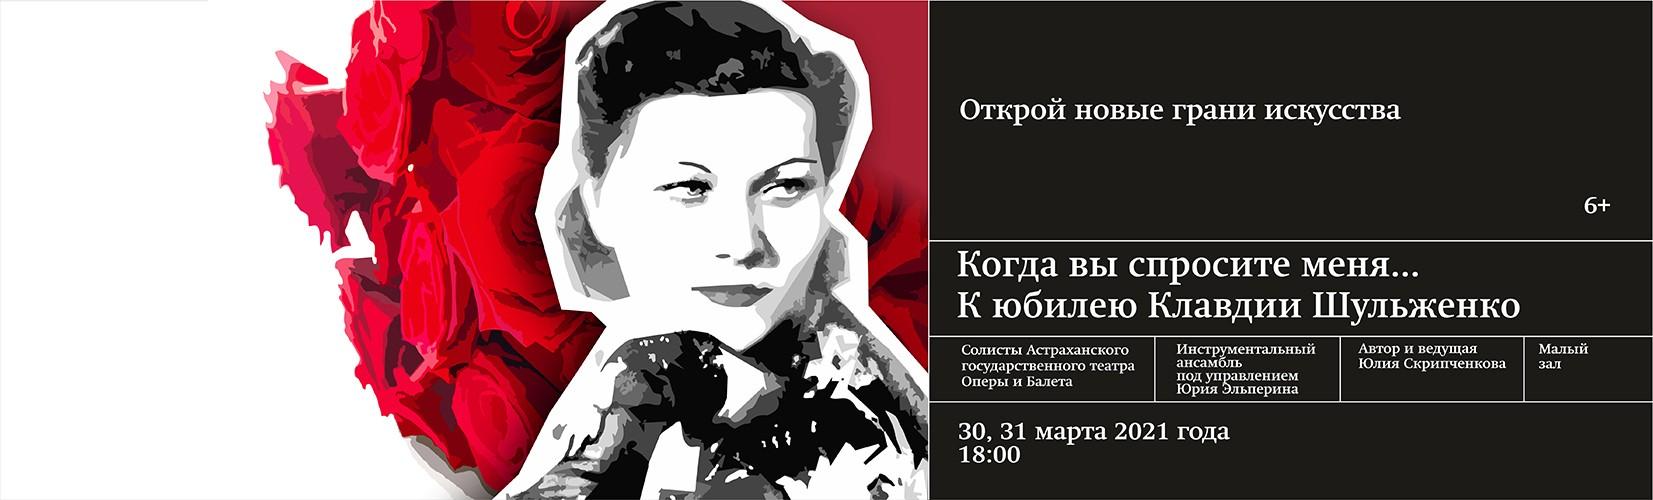 Концерт «Когда вы спросите меня...» К юбилею К. Шульженко.